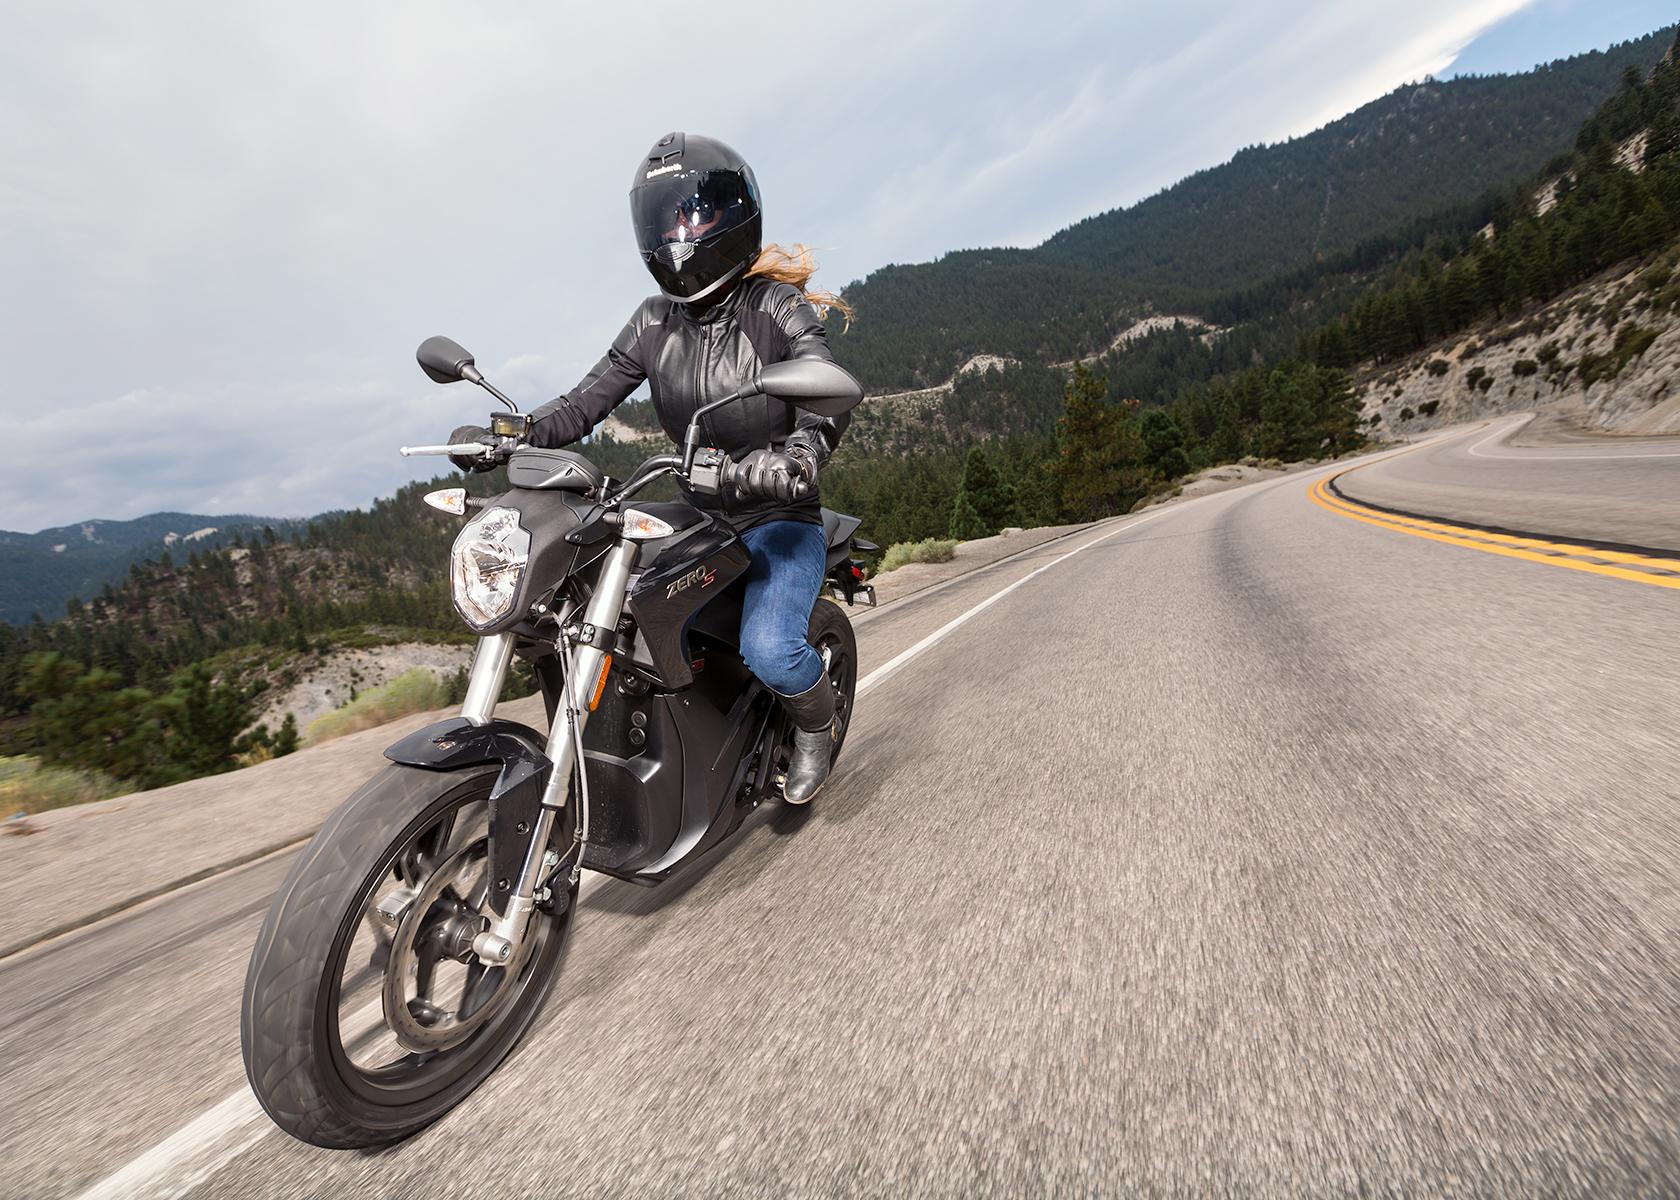 2015 Zero S Electric Motorcycle: